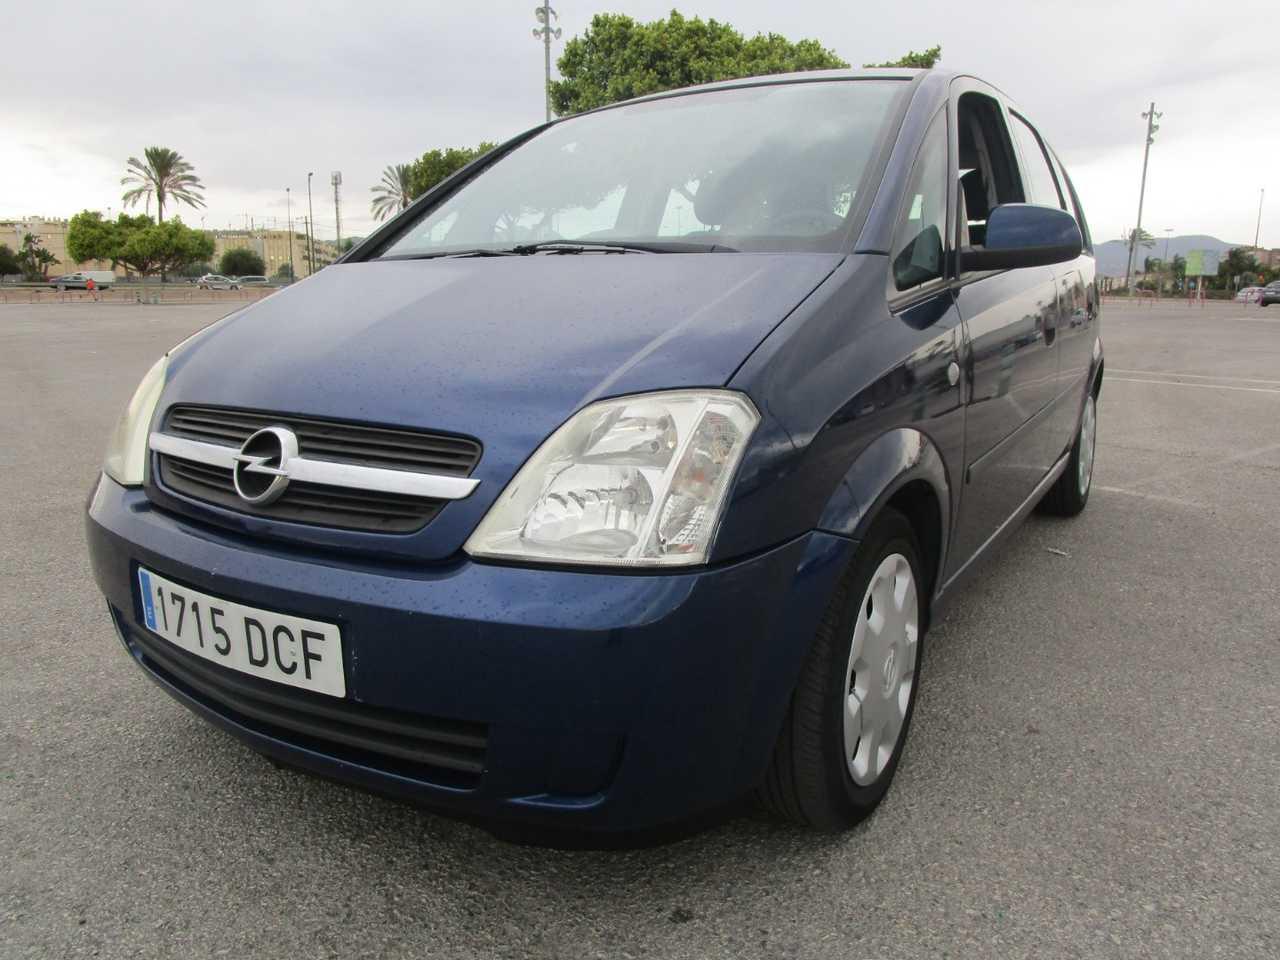 Opel Meriva 1.7 CDTI ESSENTIA UN SOLO PROPIETARIO, CERTIFICADO DE KM Y CARROCERIA   - Foto 1